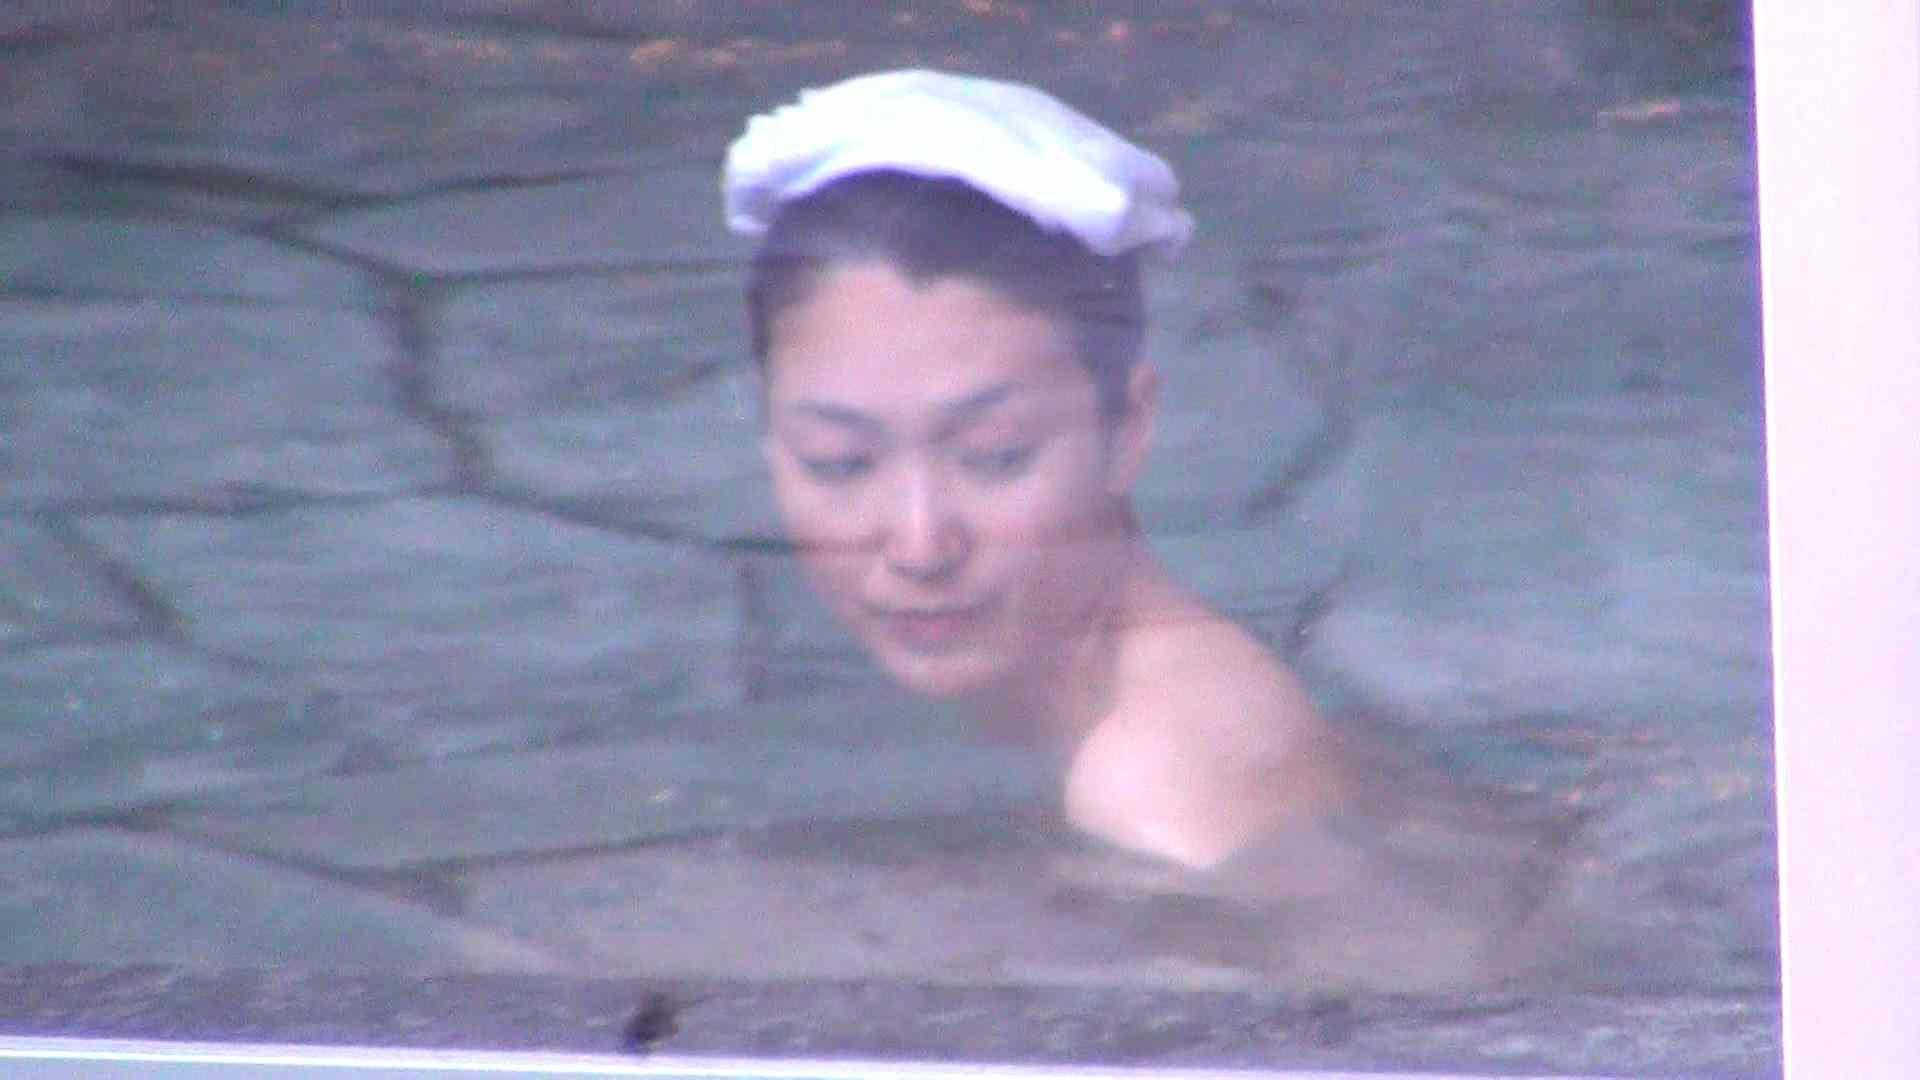 Aquaな露天風呂Vol.290 露天風呂 | 盗撮動画  10枚 3